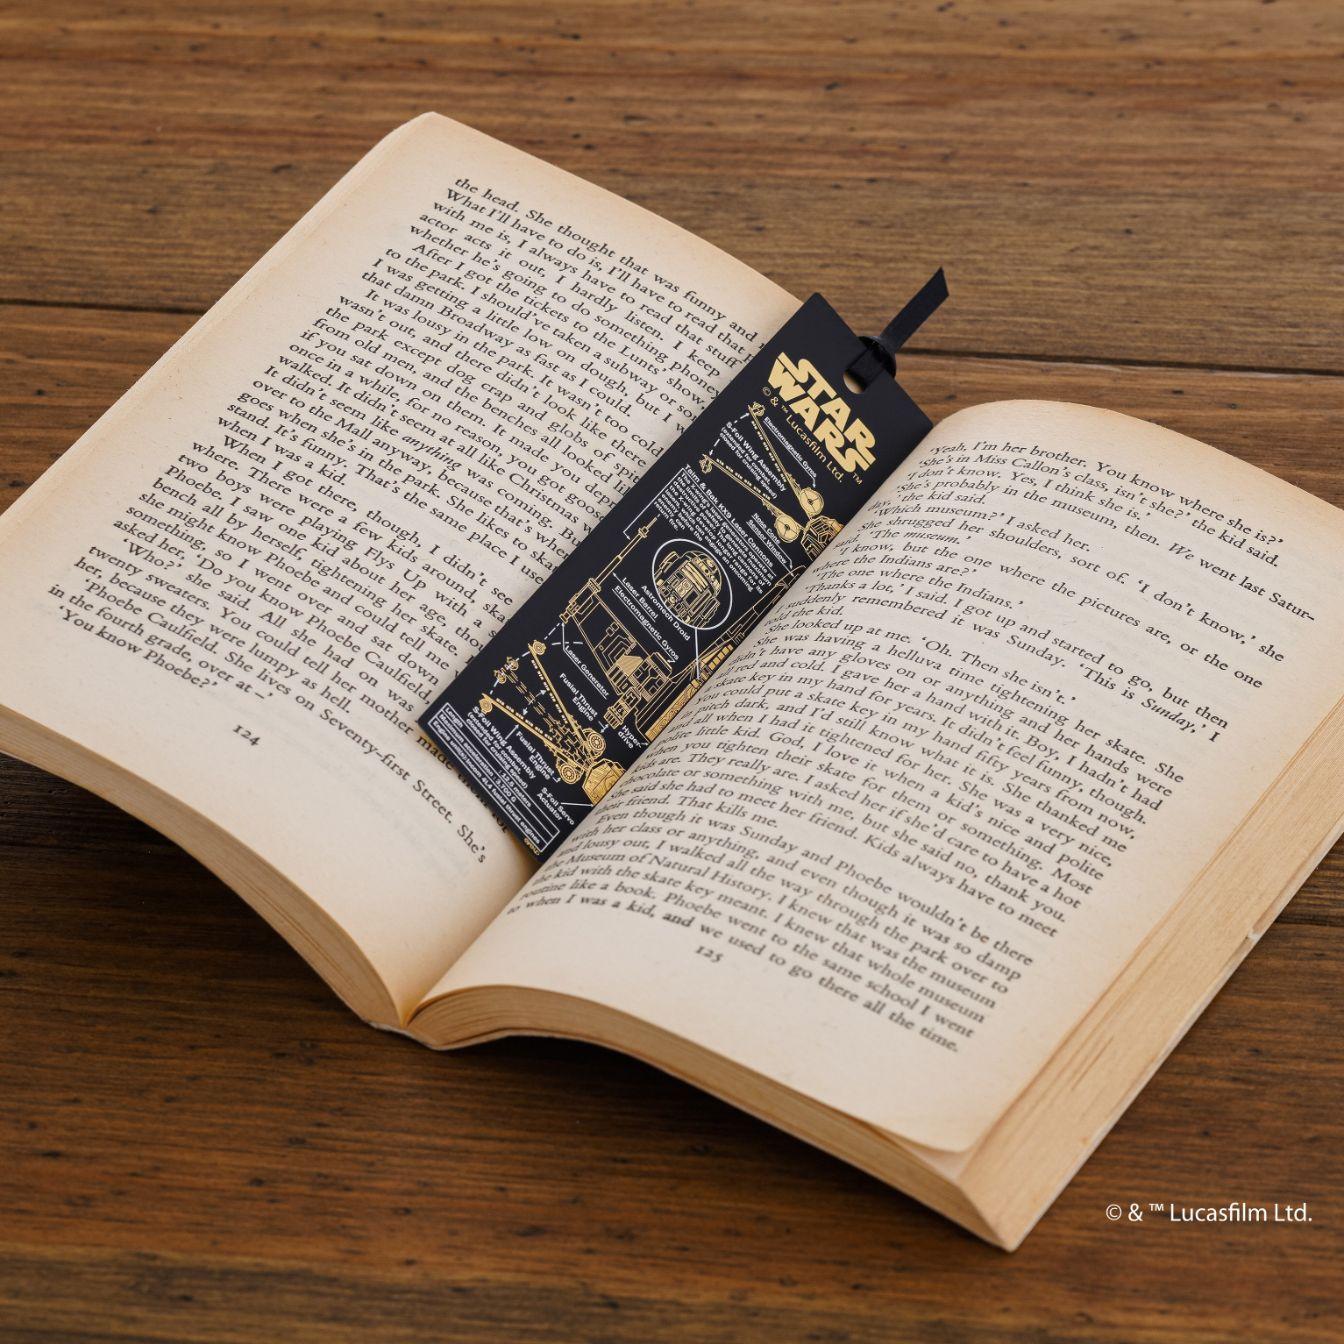 読書の秋、スターウォーズの【基盤アート栞】でいろどりを